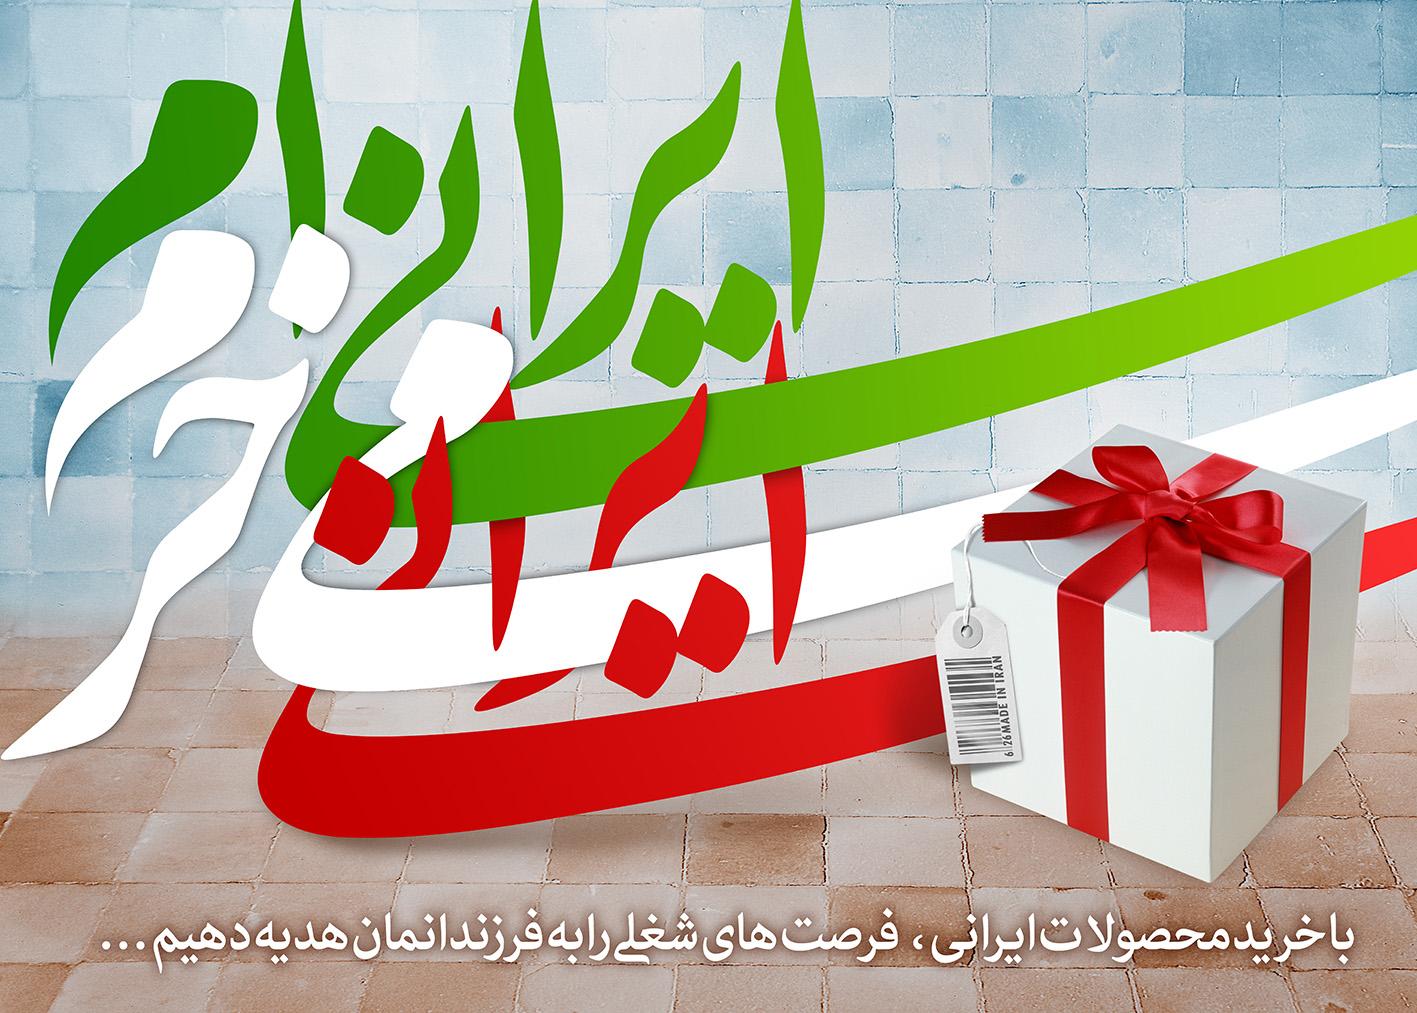 با کالای ایرانی به استقبال از نوروز برویم / کمپین «ایرانی بخریم» برای حمایت از کالاهایهای ایرانی